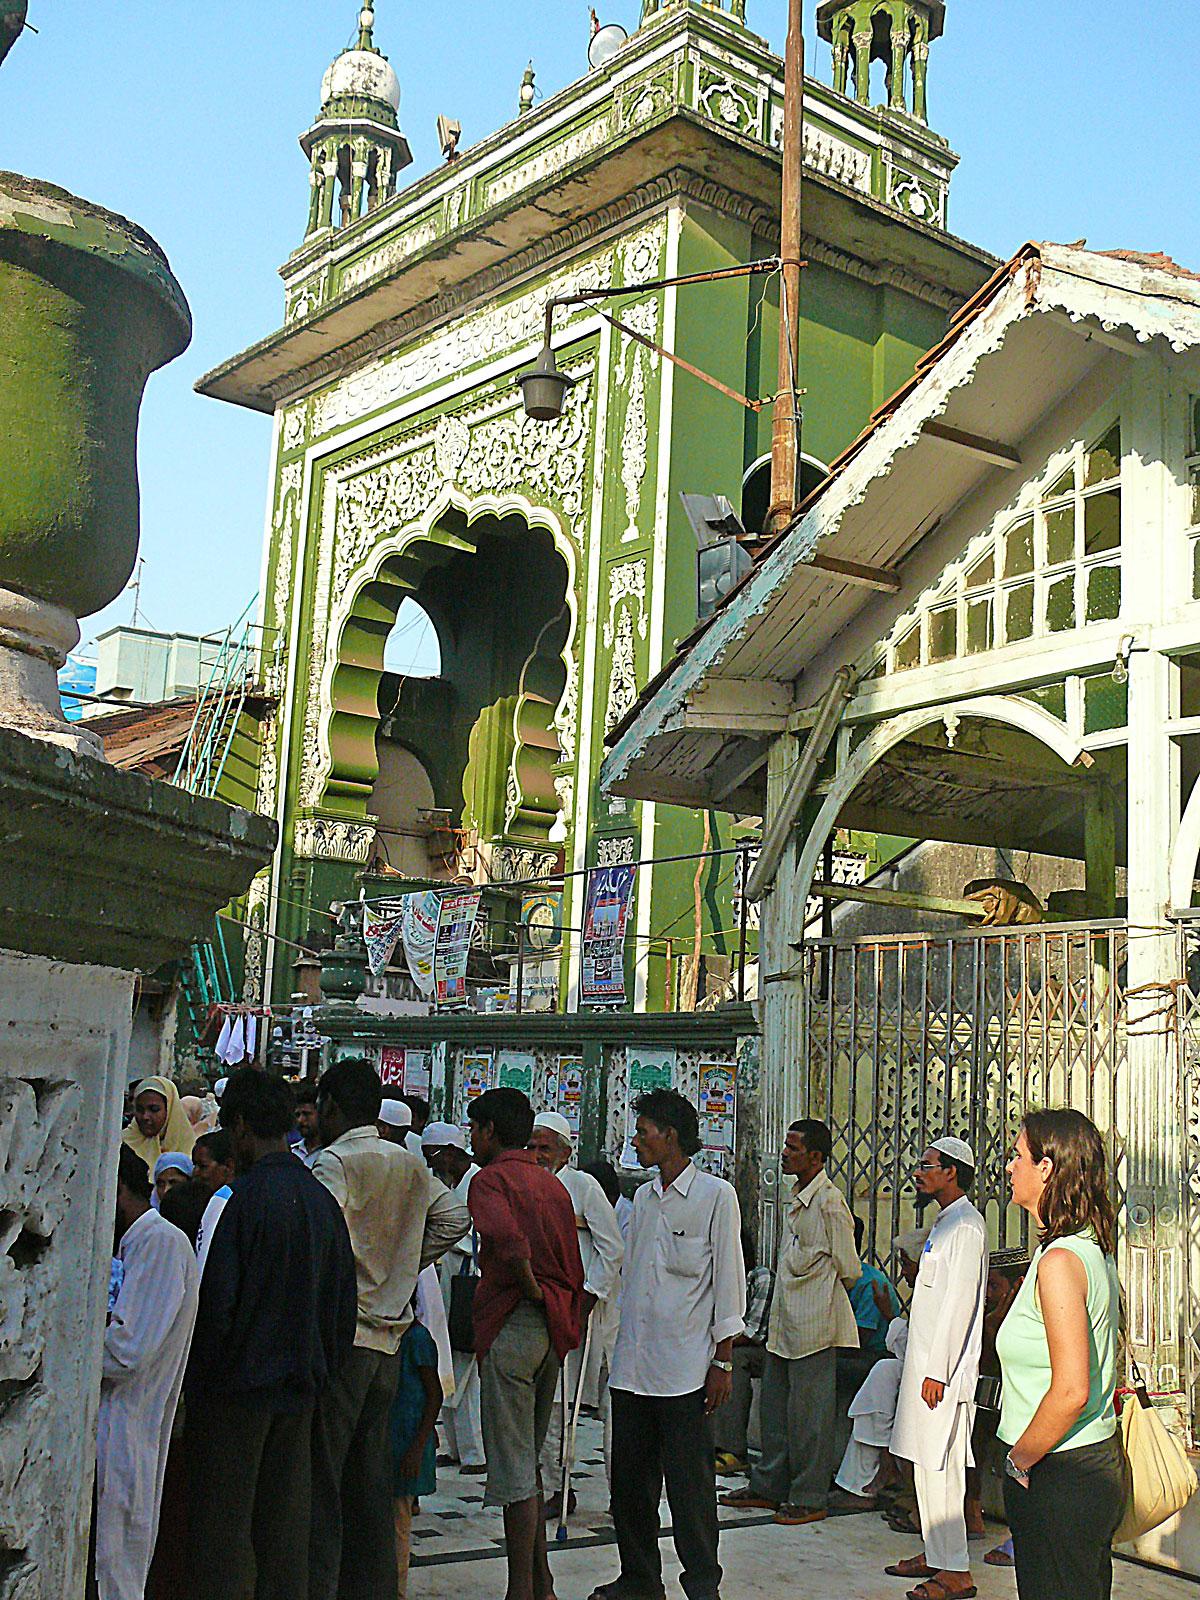 INDIEN MUMBAI Menschen Wohnen FINEST-onTour P1030598.jpg